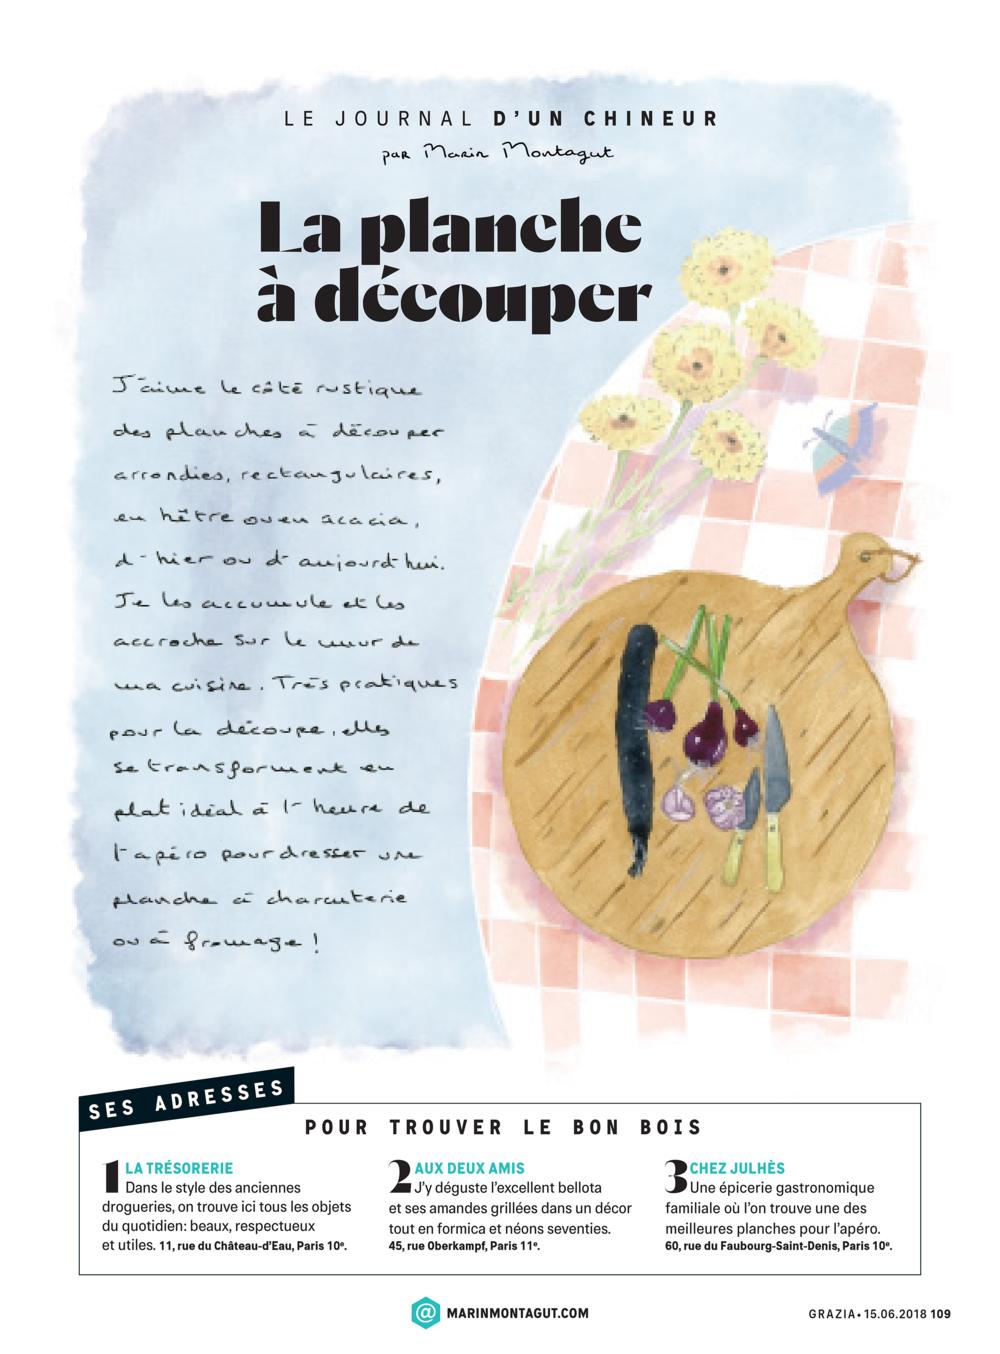 0451_15_06_Planche a decouper.png